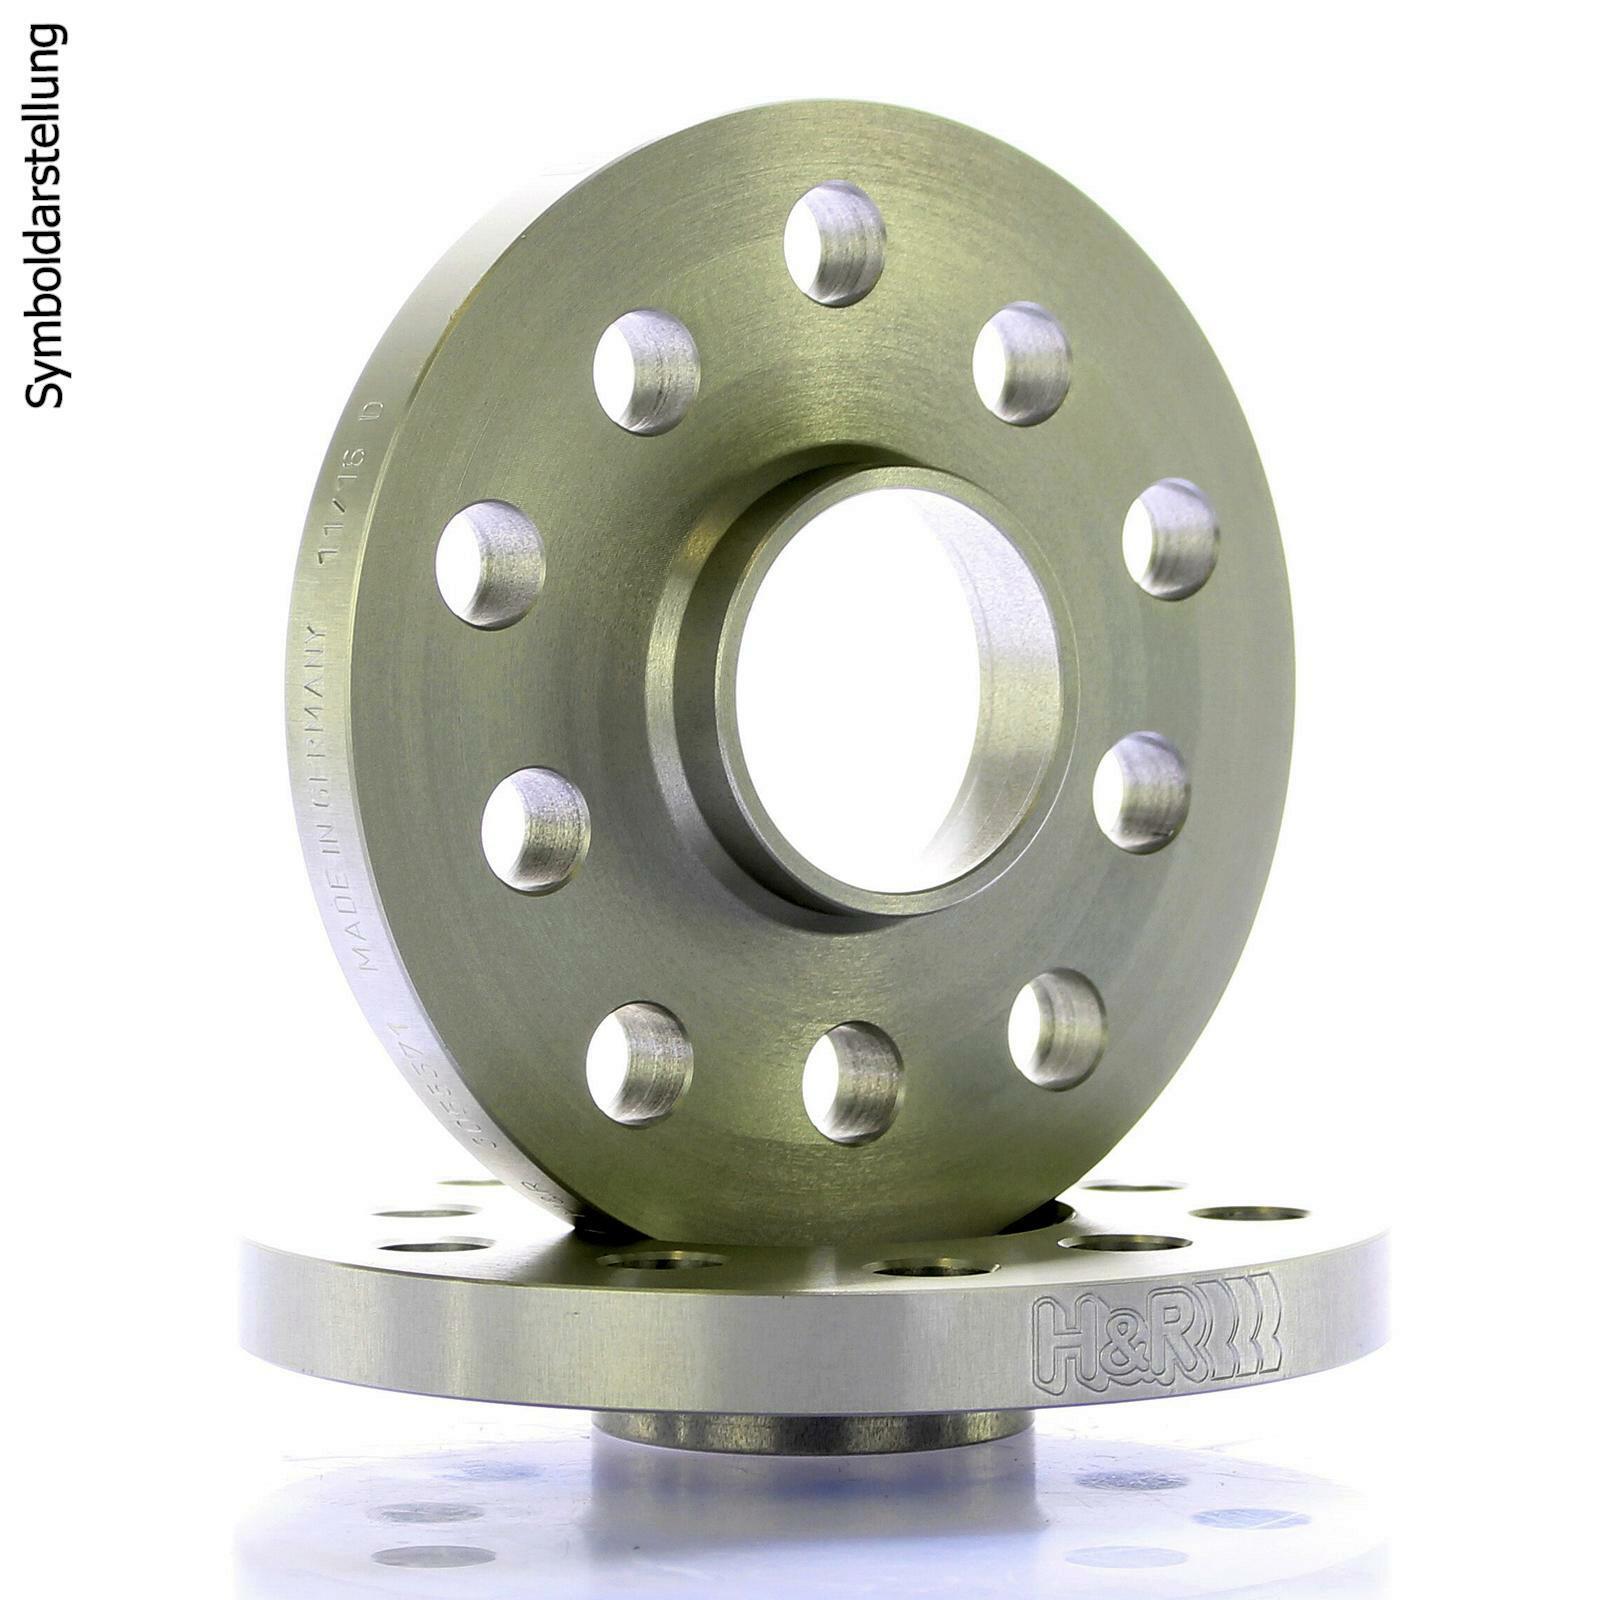 H&R DR Spurplatten Spurverbreiterung Distanzscheiben/Ringe 5x120 30mm // 2x15mm